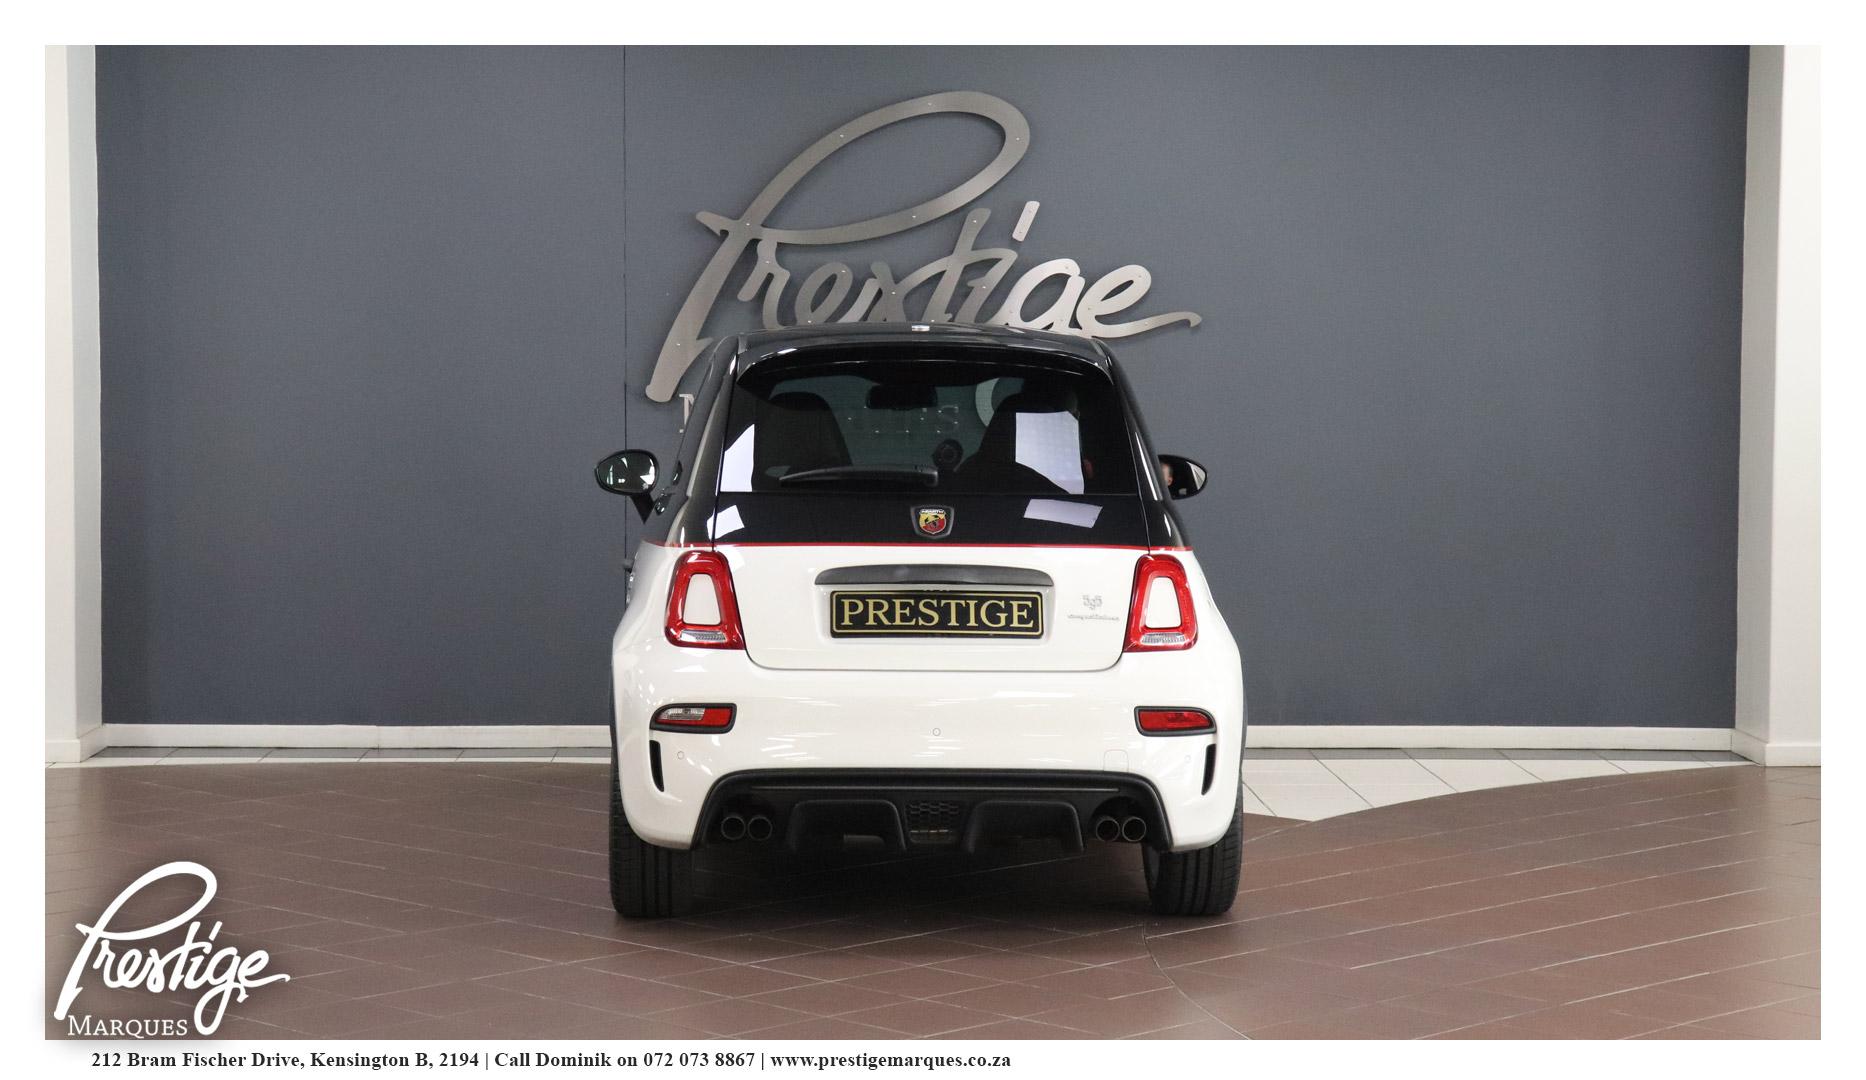 2020-Fiat-Abarth-595-Competizione-Manual-Prestige-Marques-Randburg-Sandton-5